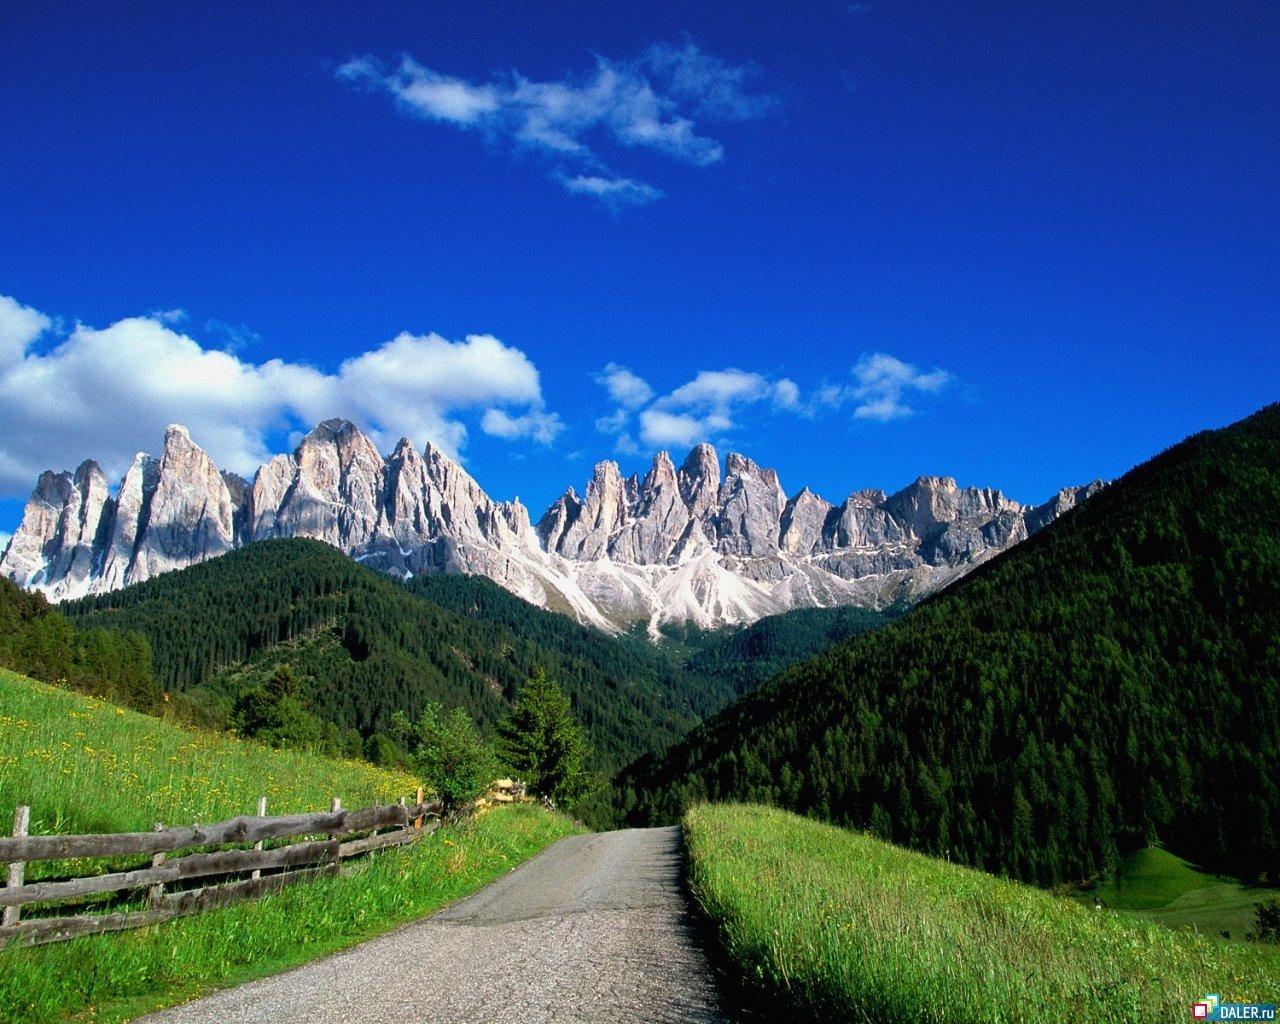 13467 скачать обои Пейзаж, Дороги, Горы - заставки и картинки бесплатно